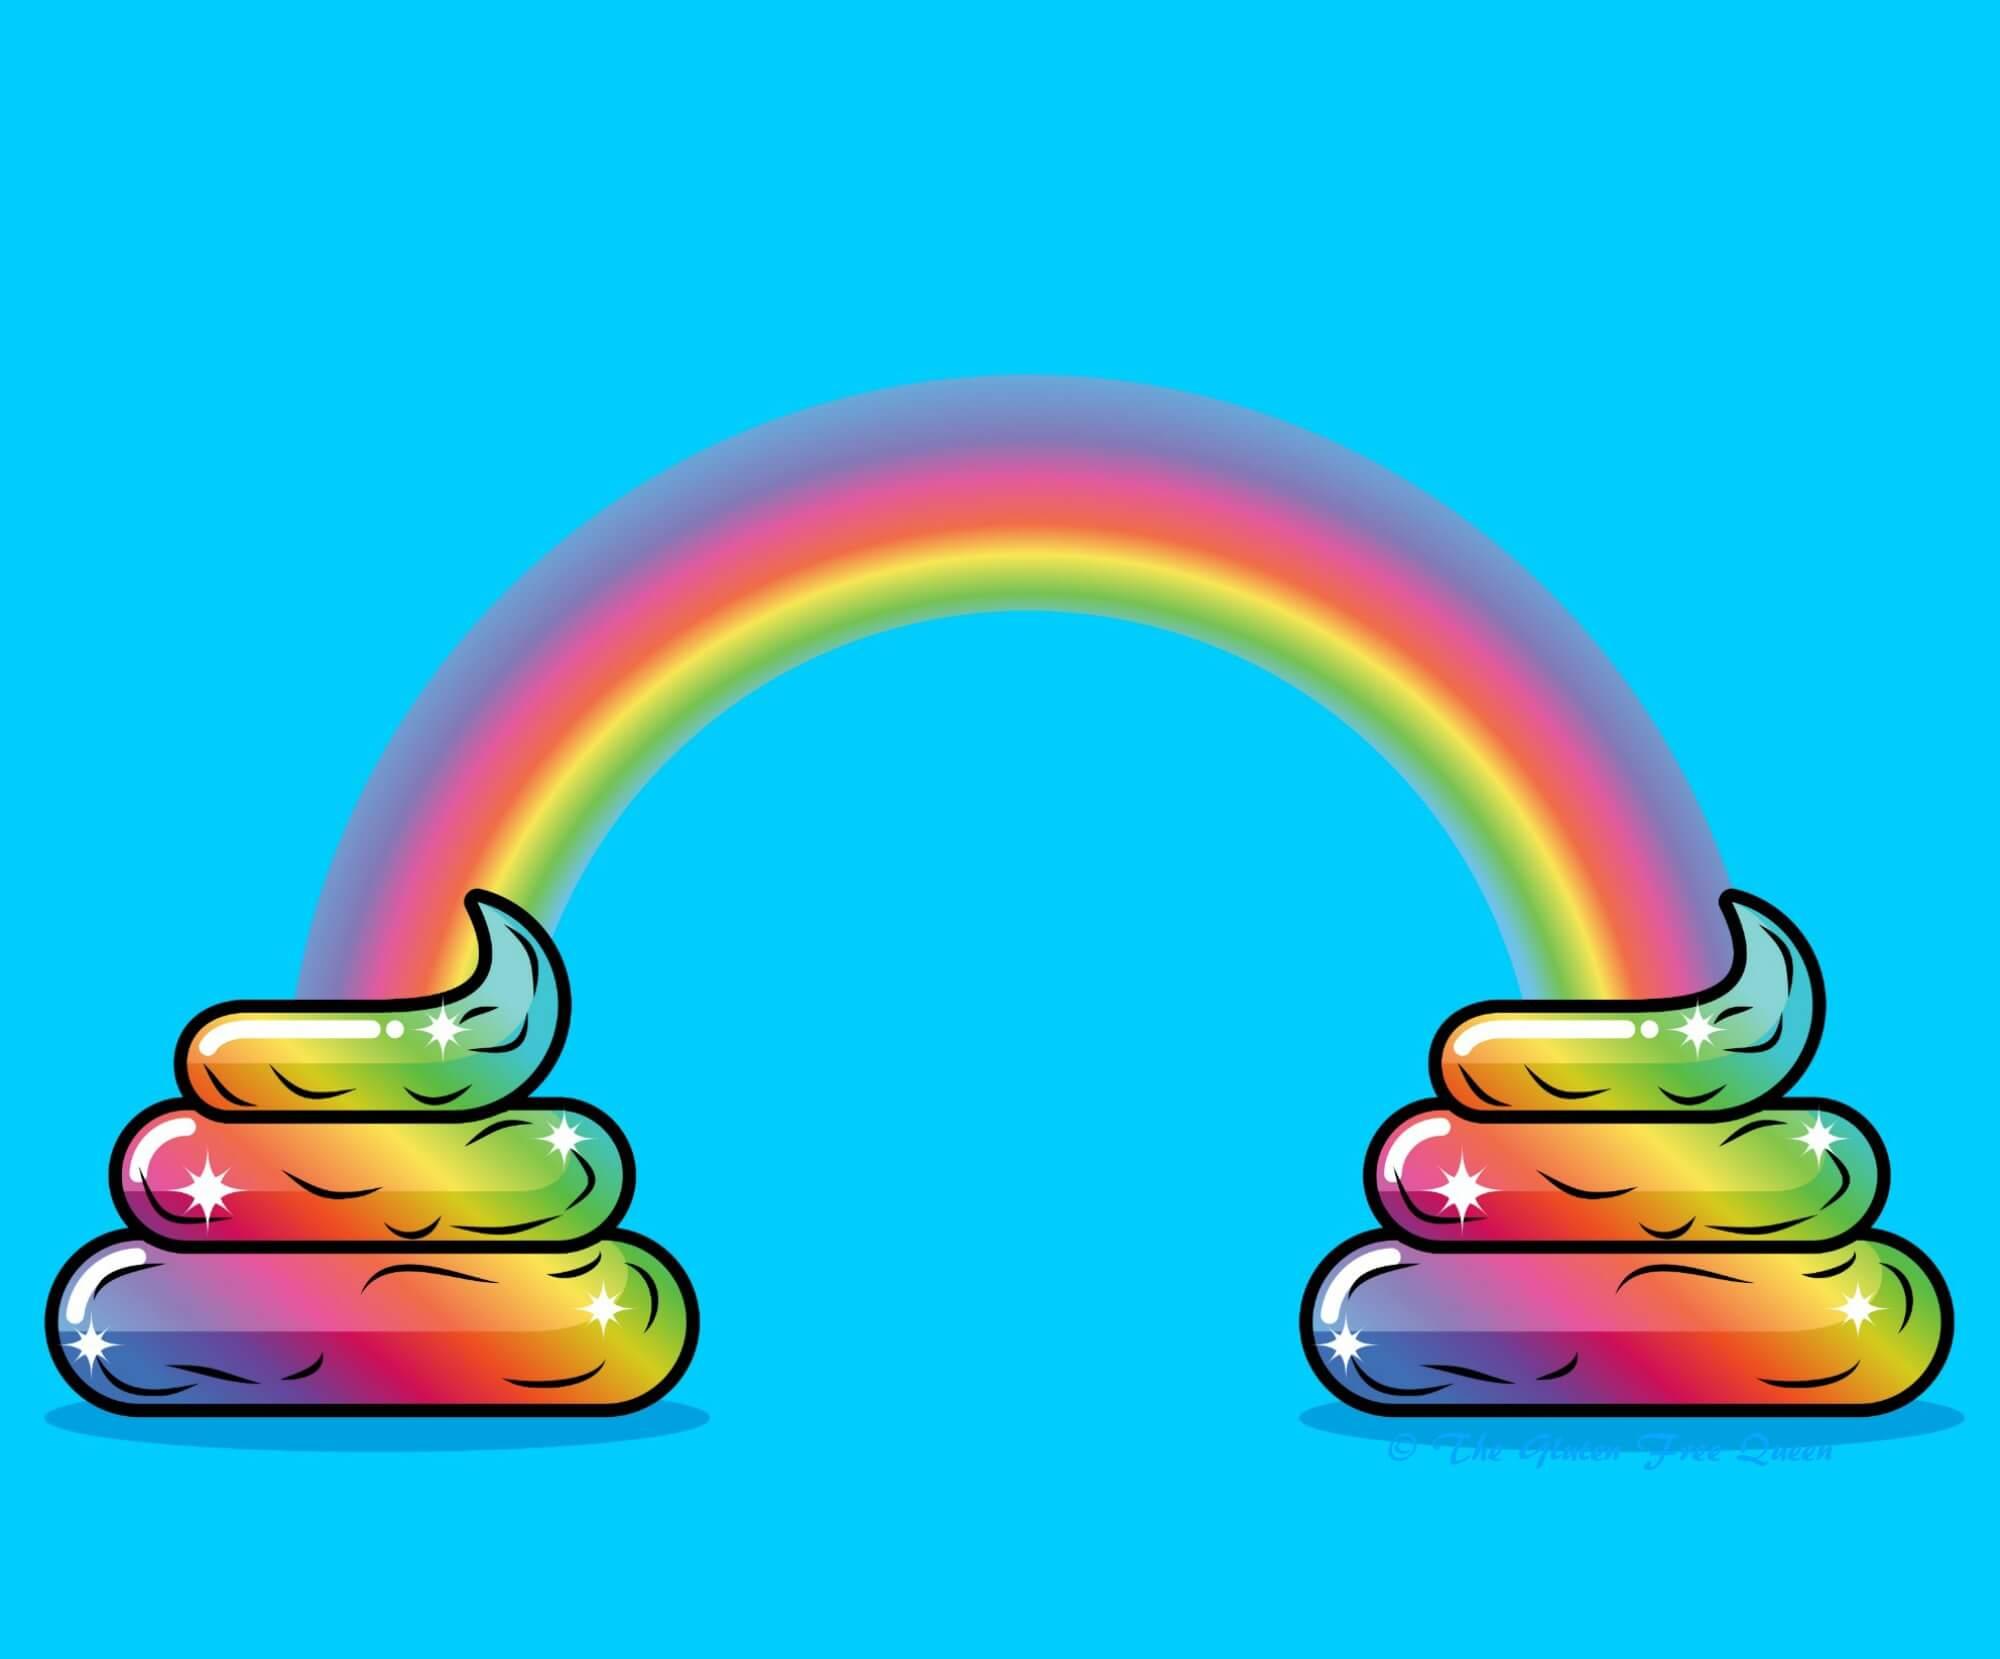 Poop Rainbow